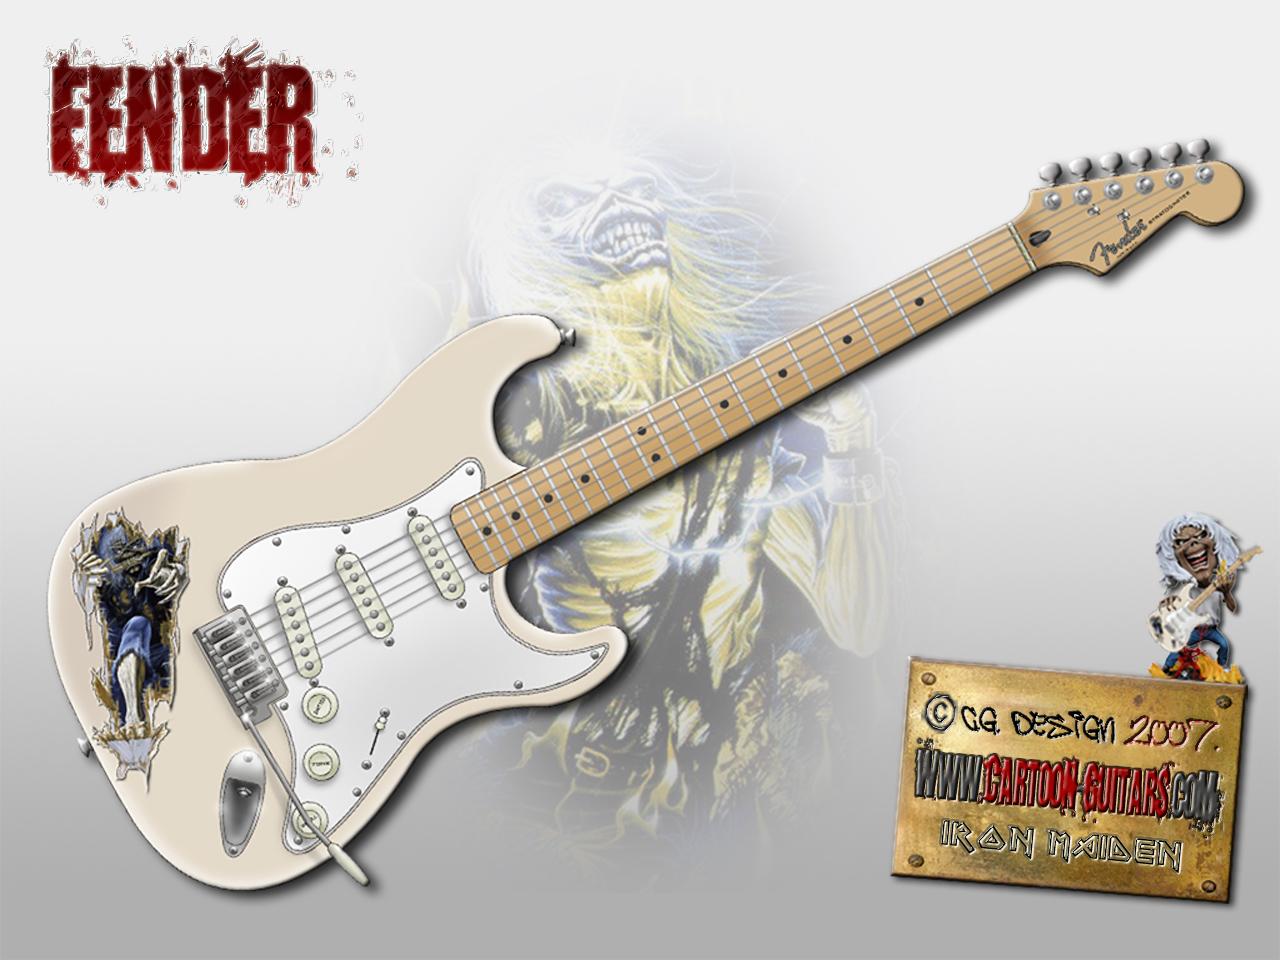 Fender Iron Maiden Tribute on Shovelhead Coil Wiring